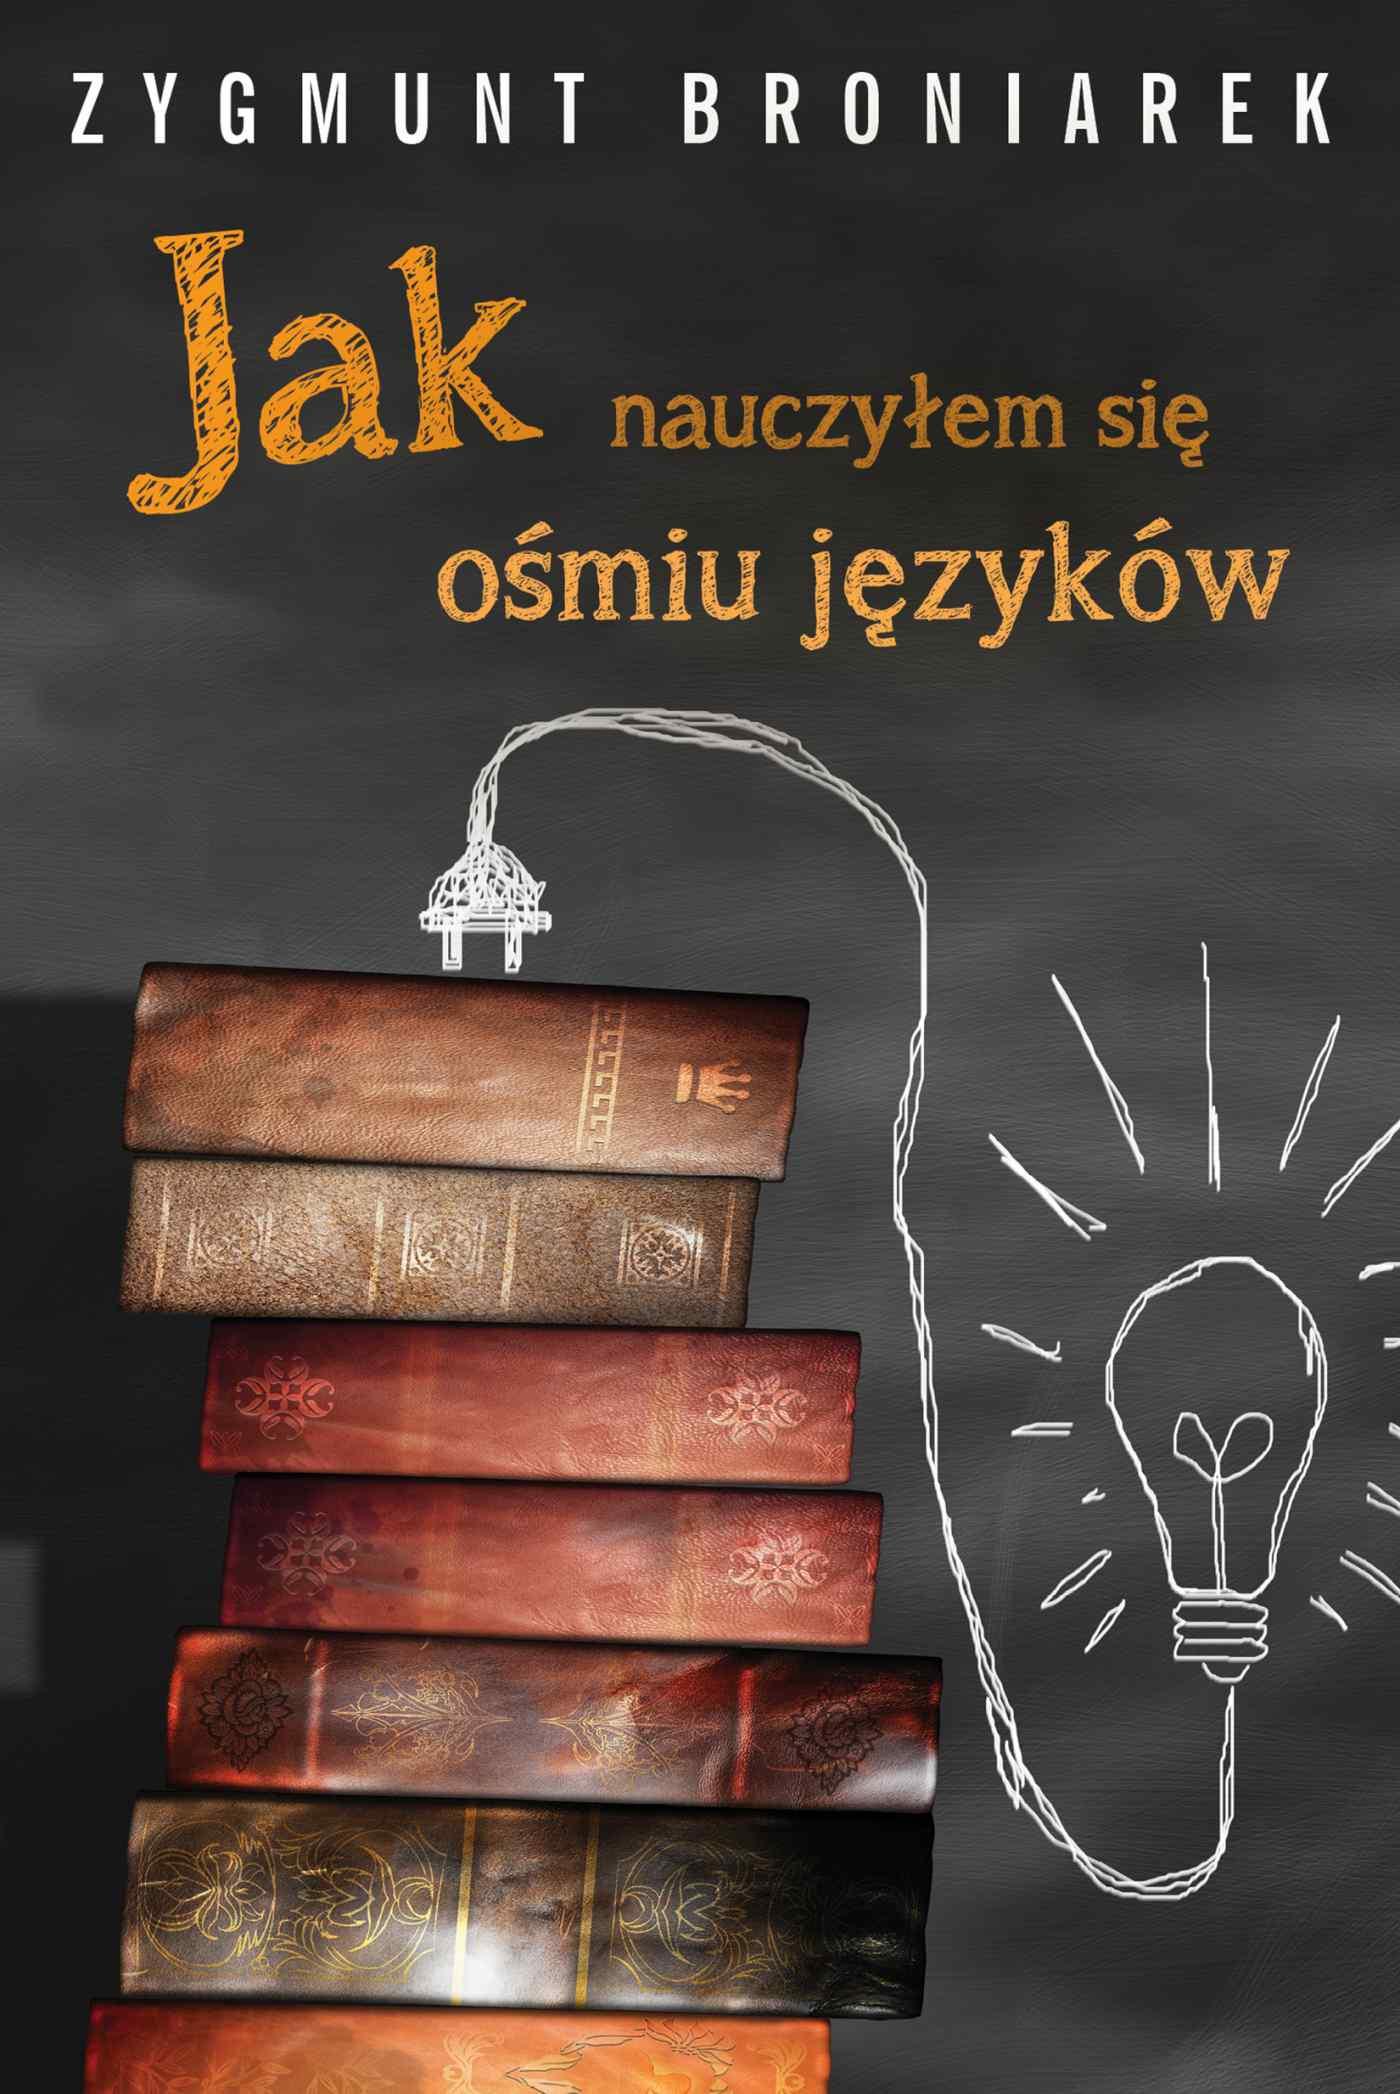 Jak nauczyłem się ośmiu języków obcych - Ebook (Książka EPUB) do pobrania w formacie EPUB